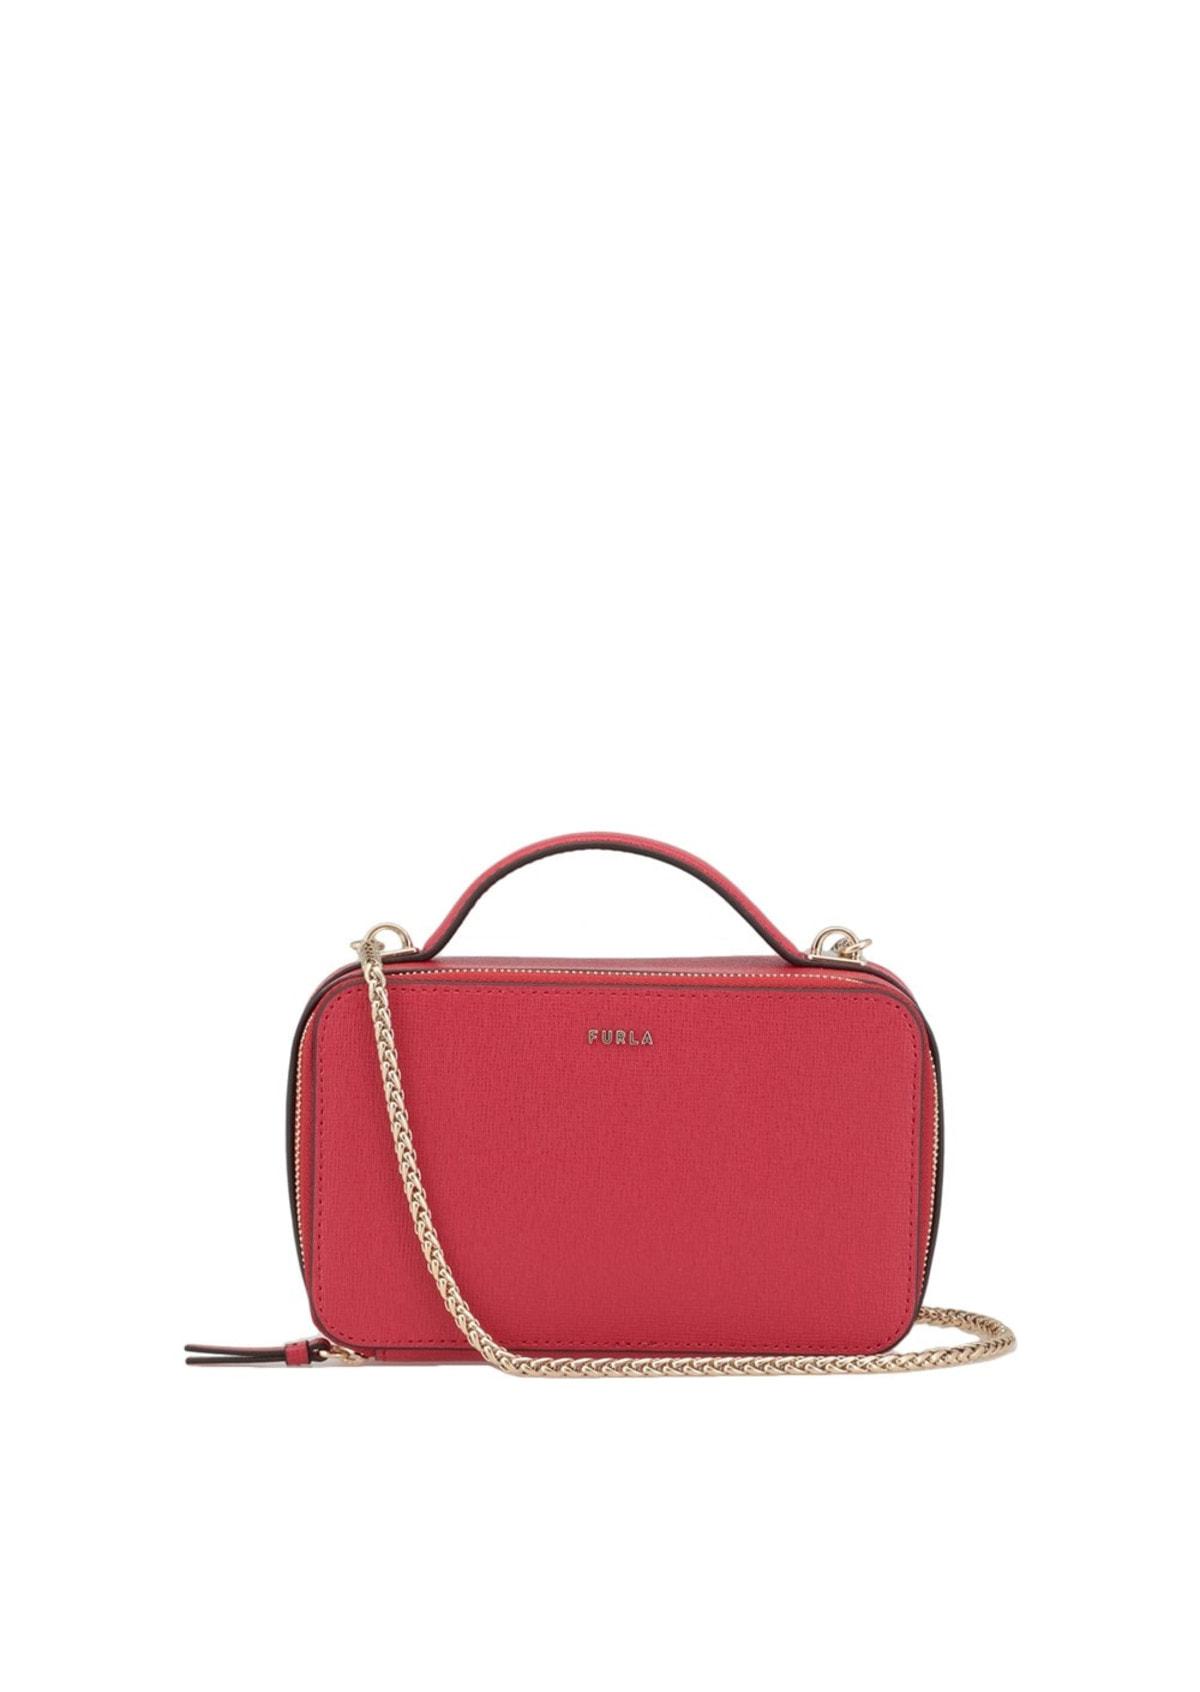 Чем хорош такой вариант изделий из кожи, как женская сумка?